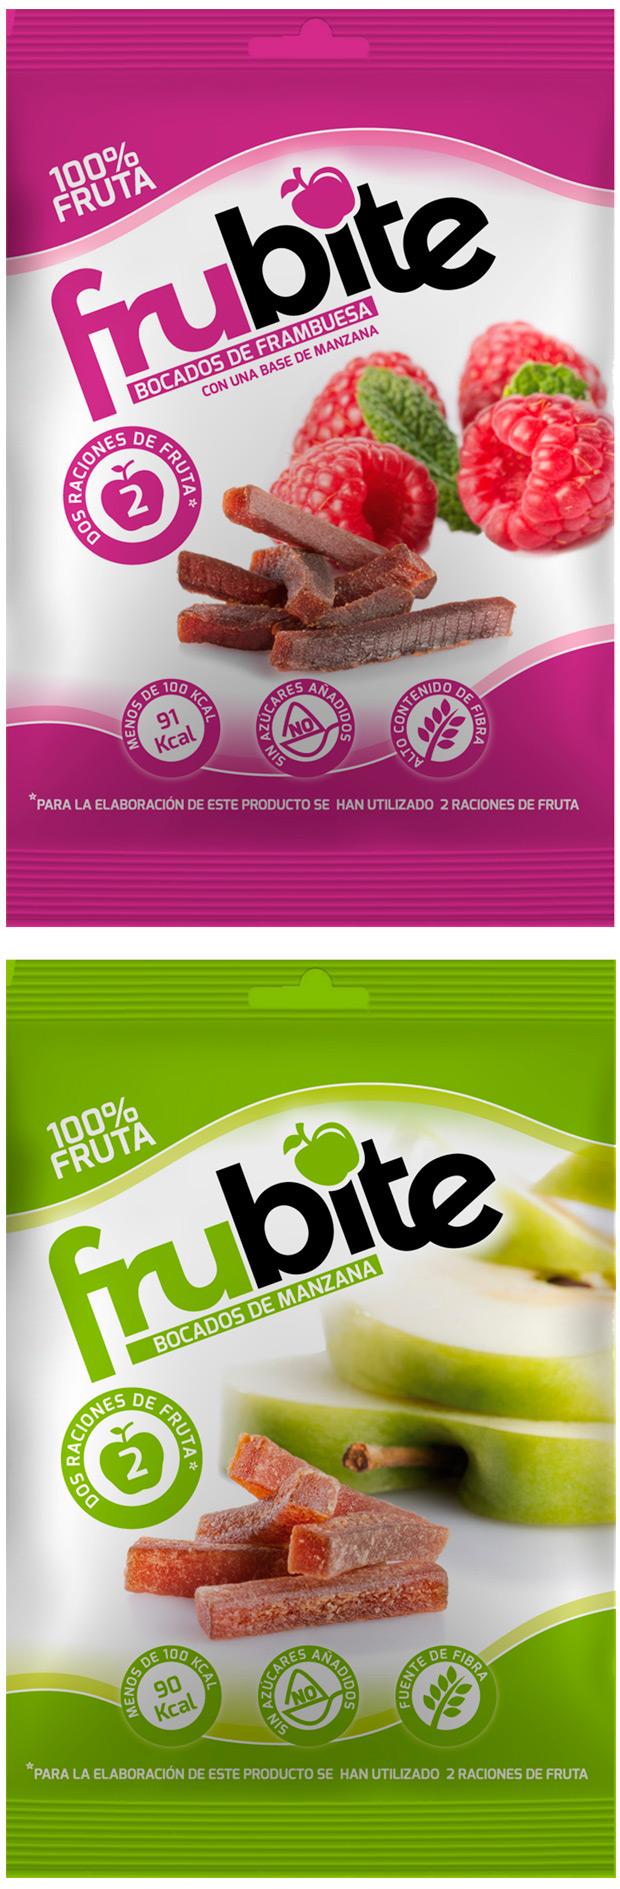 Frubite, snacks saludables de fruta para deportistas